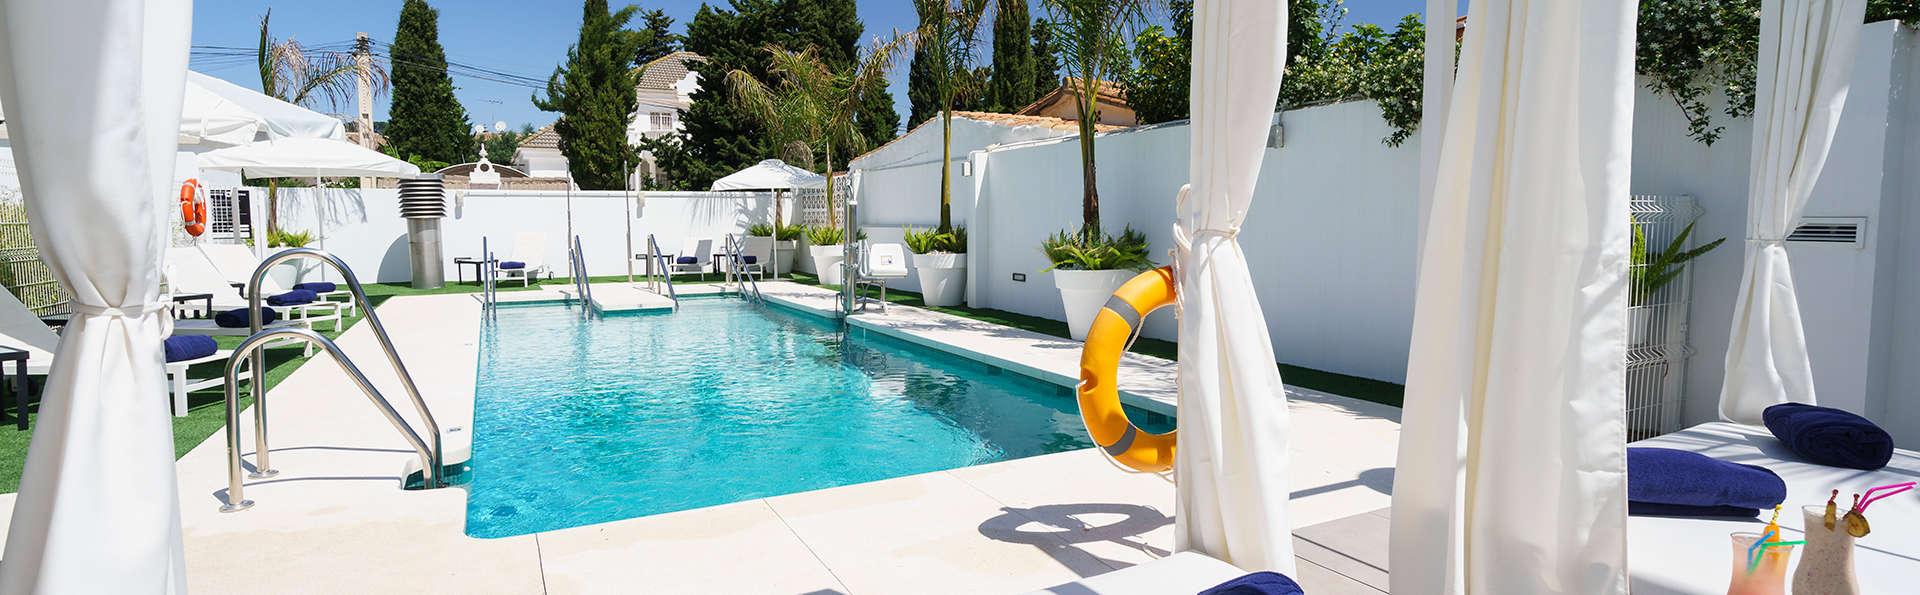 Escapada con Media pensión, niño gratis, acceso al jacuzzi y piscina exterior en Torremolinos